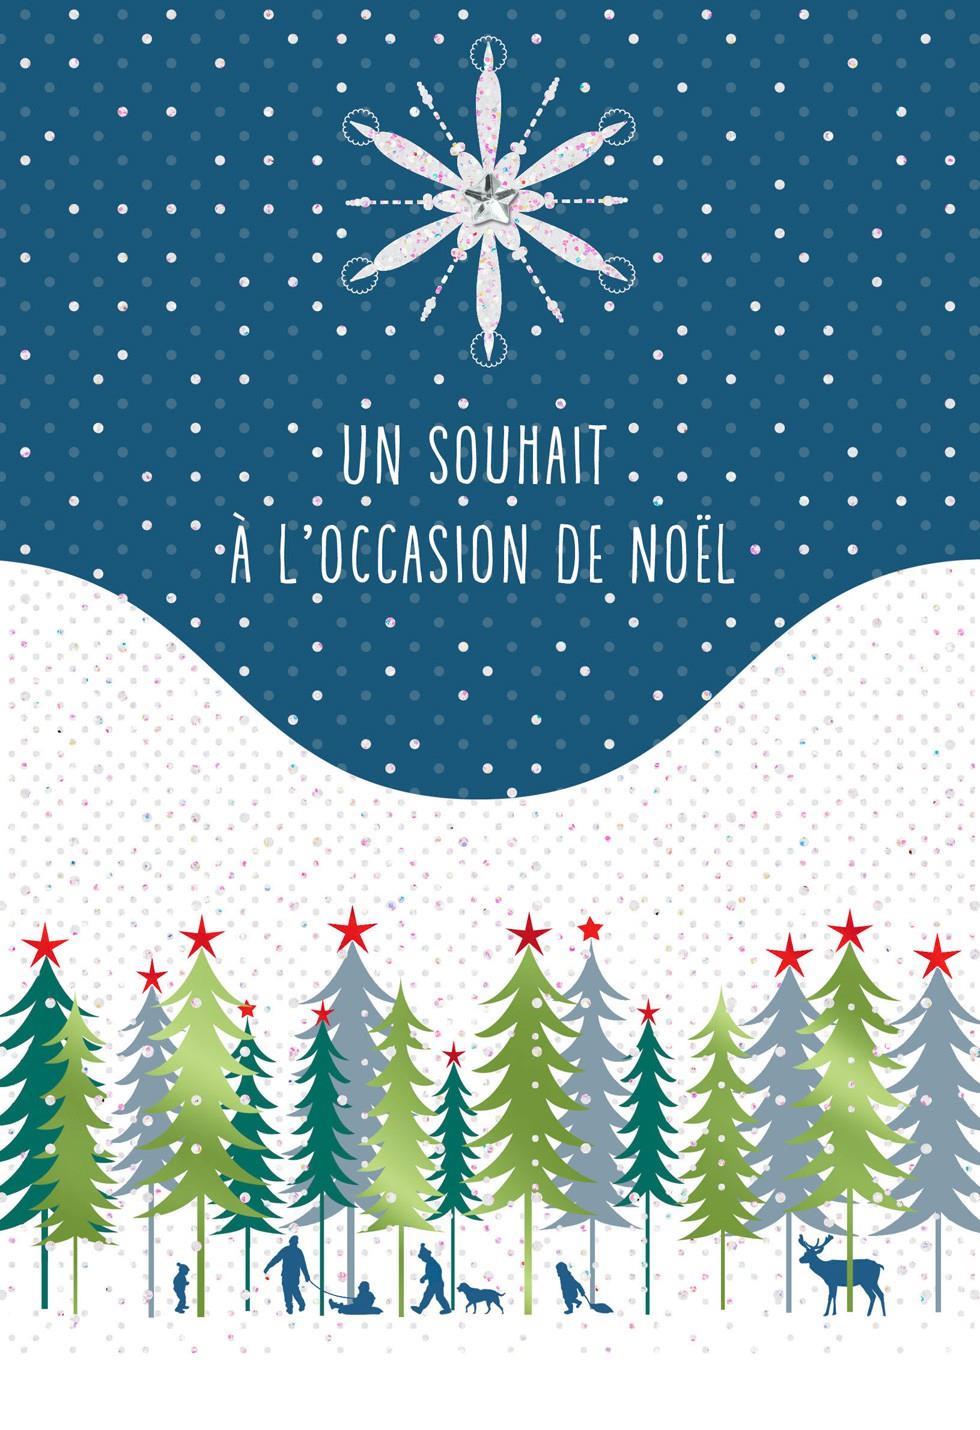 Joyeux Noel French-Language Christmas Card - Greeting Cards - Hallmark